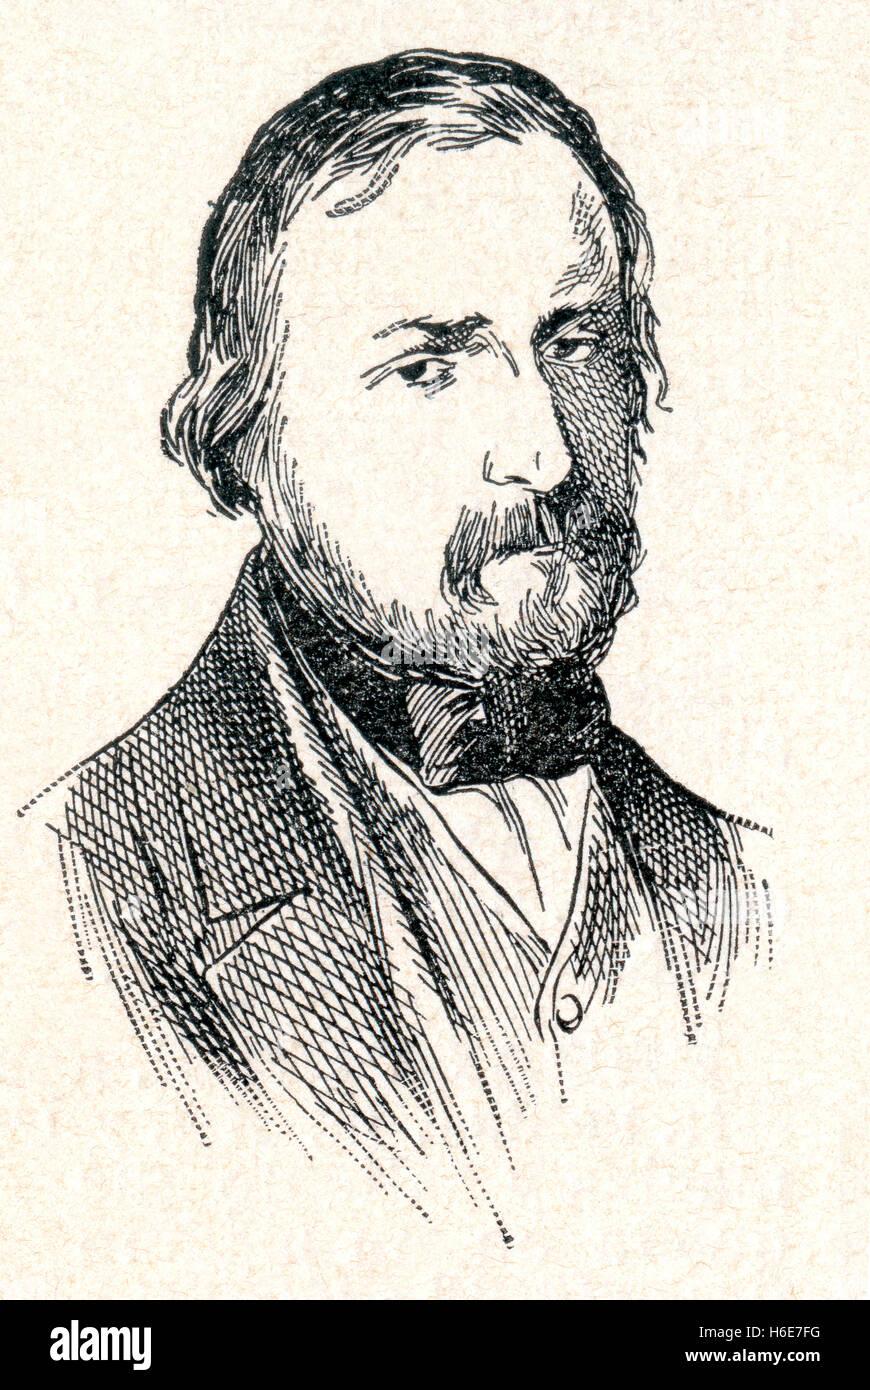 Joaquim Espalter i Rull or, Joaquín Espalter y Rull, 1809 -1880.  Catalonian painter. - Stock Image